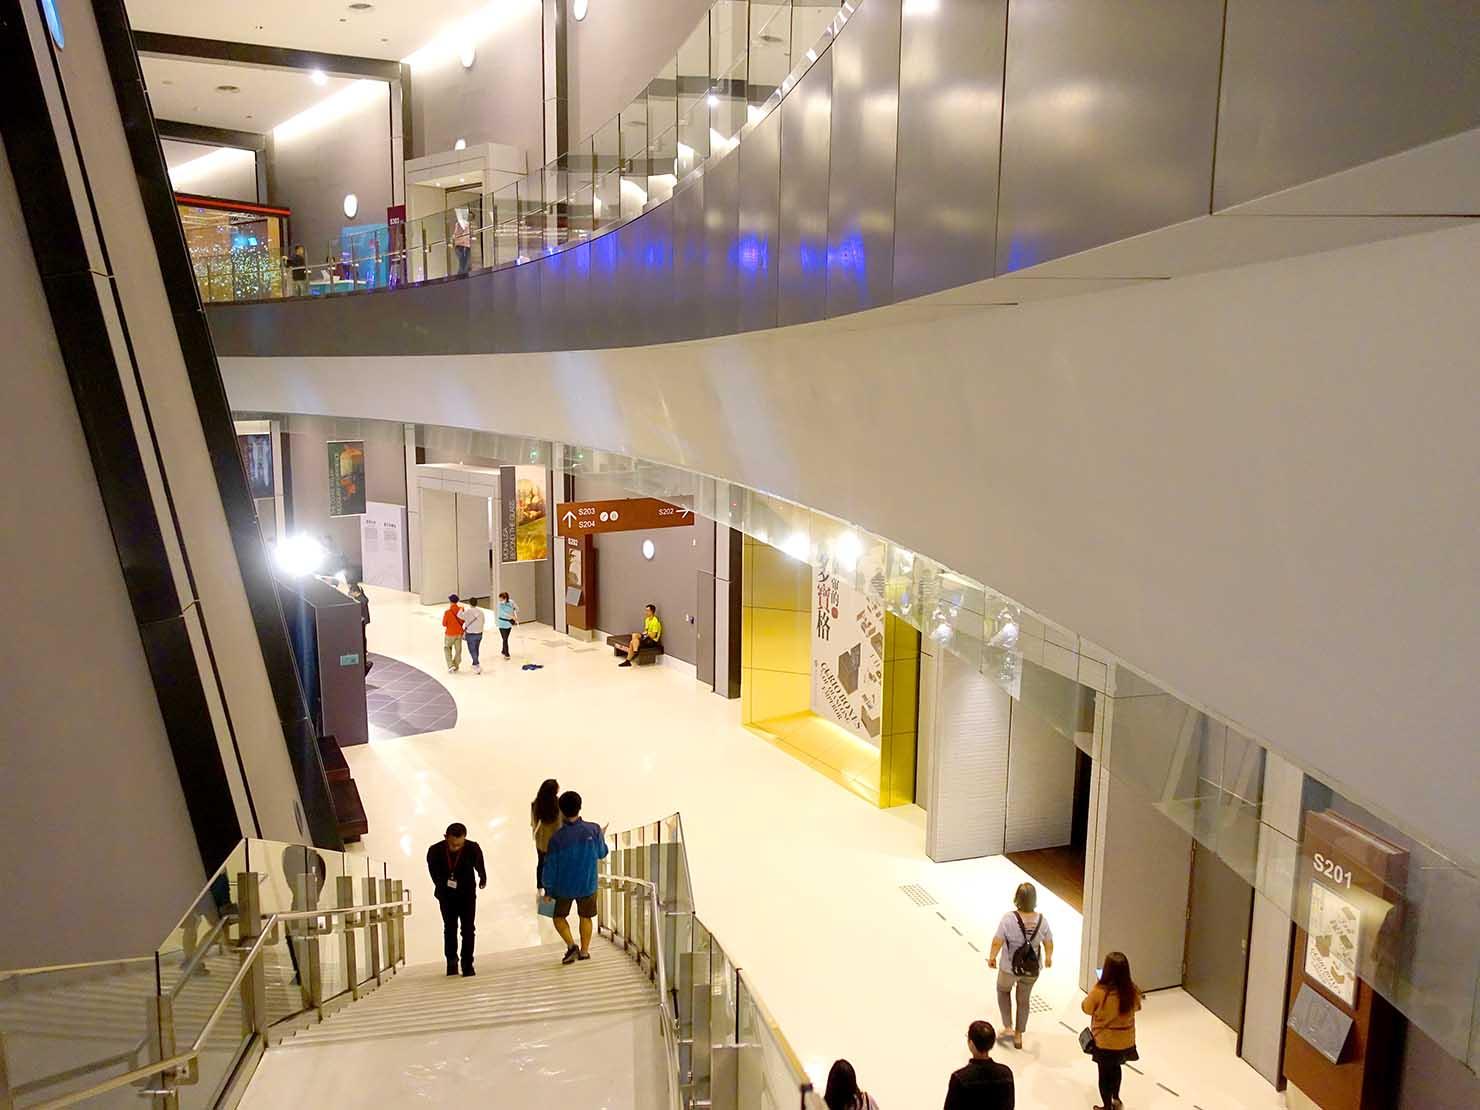 嘉義のおすすめ観光スポット「故宮南院」展示フロアの廊下